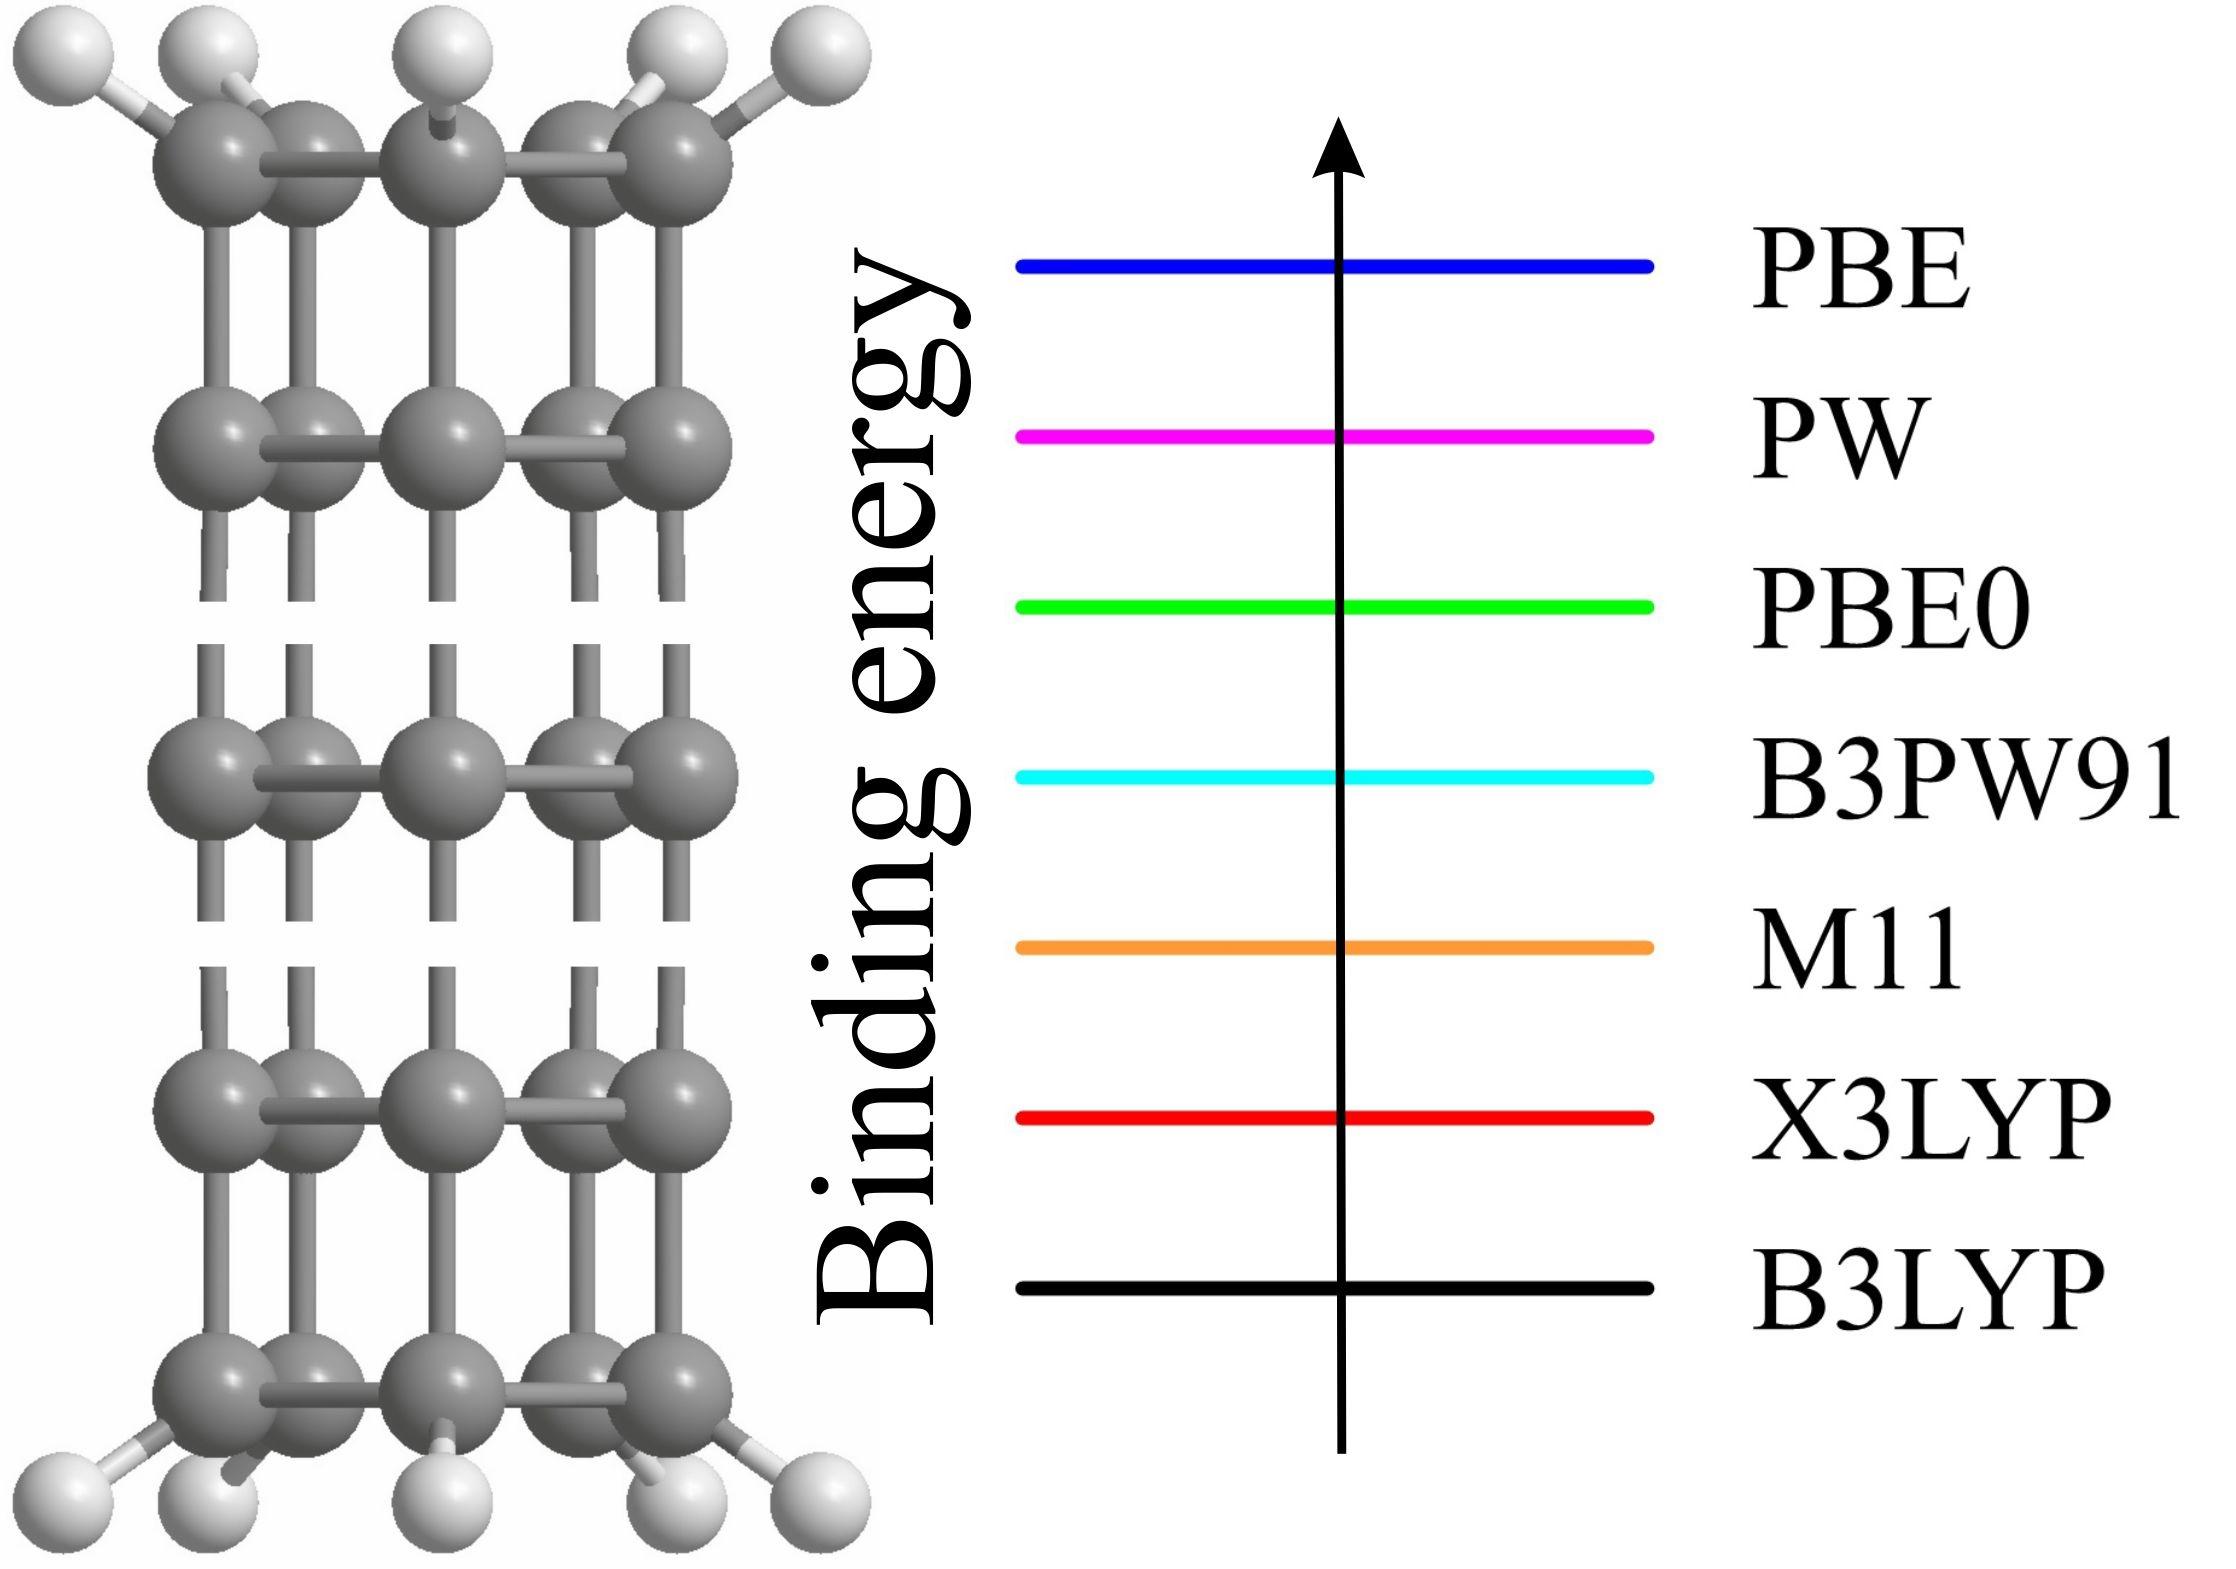 Рассчитанные в рамках теории функционала плотности значения энергий связи углеродных наноструктур с нетрадиционной геометрией каркаса могут существенно отличаться друг от друга в зависимости от выбранного DFT-функционала.